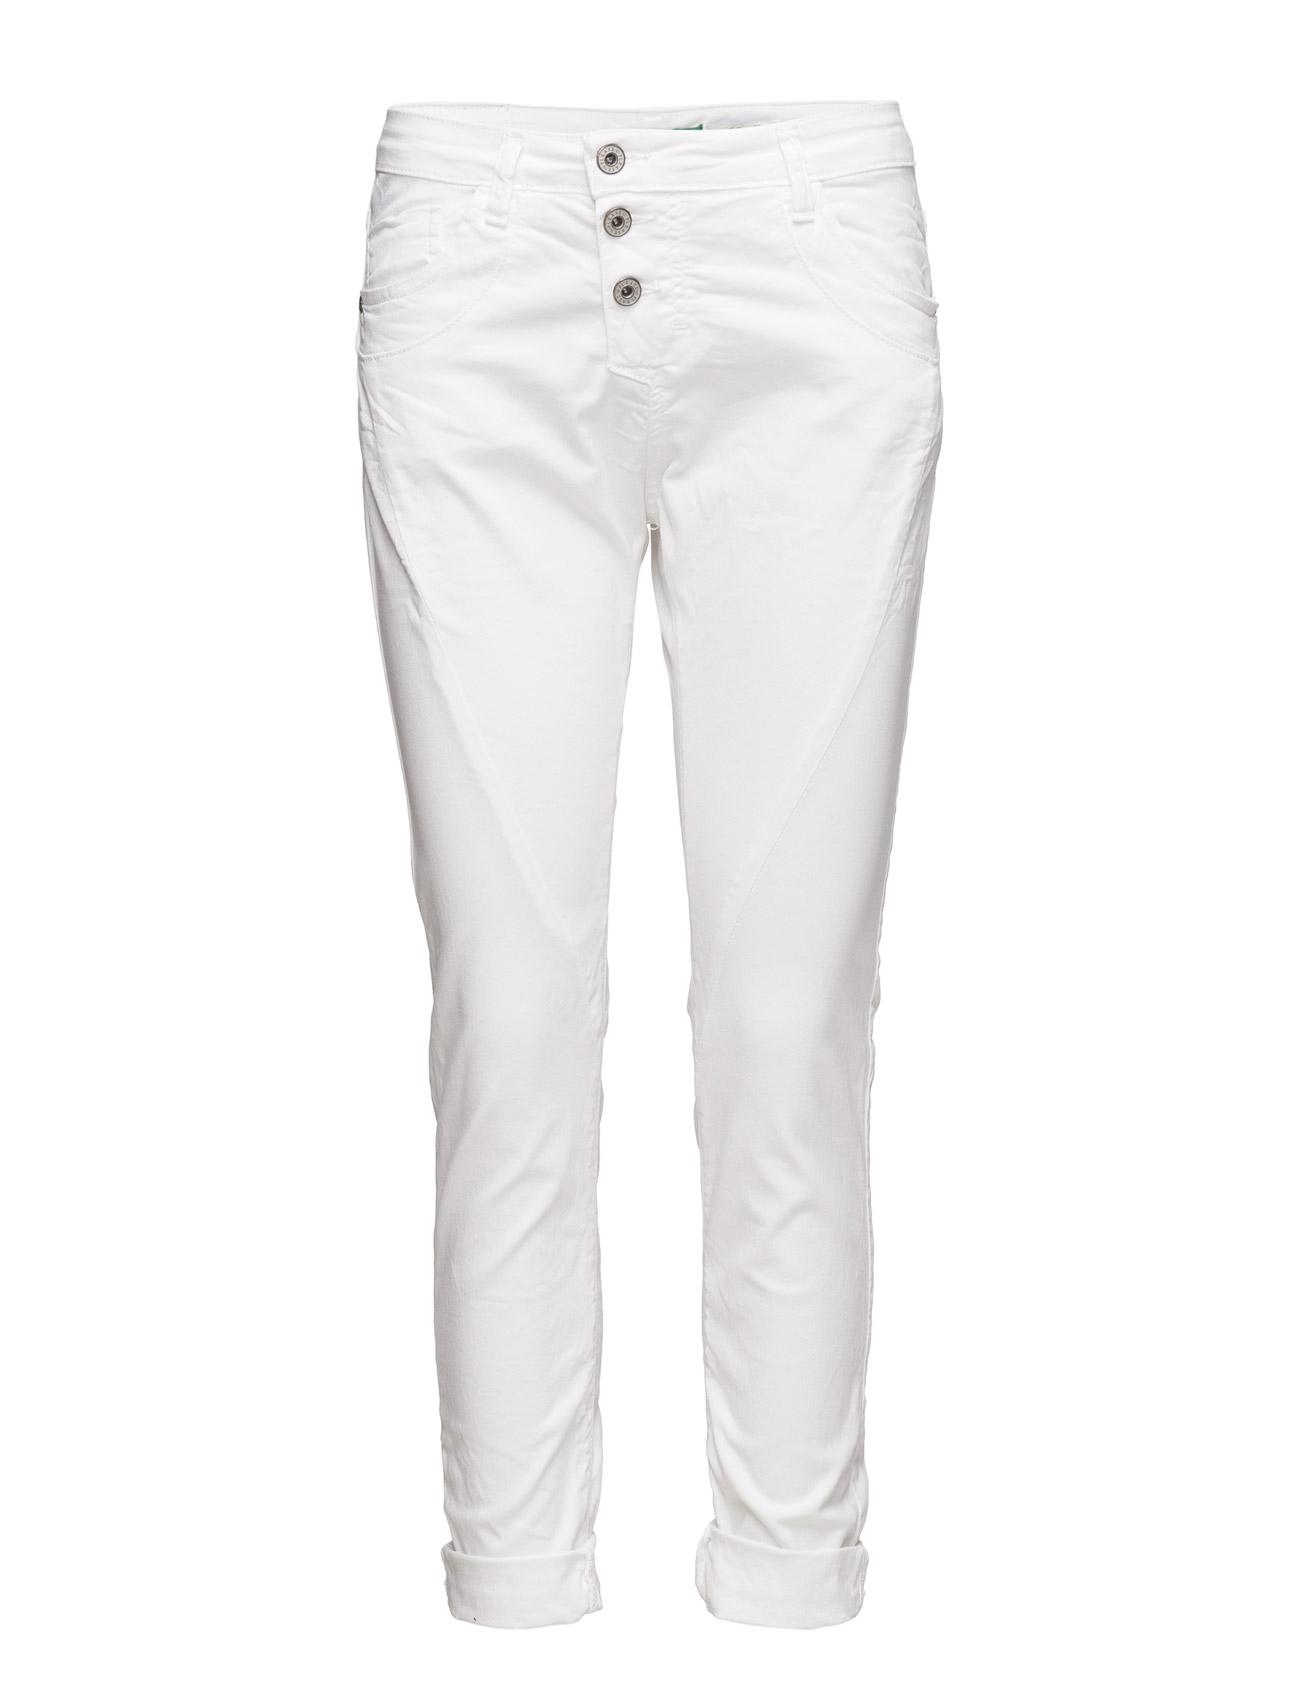 Classic Bianco Ottico Please Jeans Casual bukser til Damer i